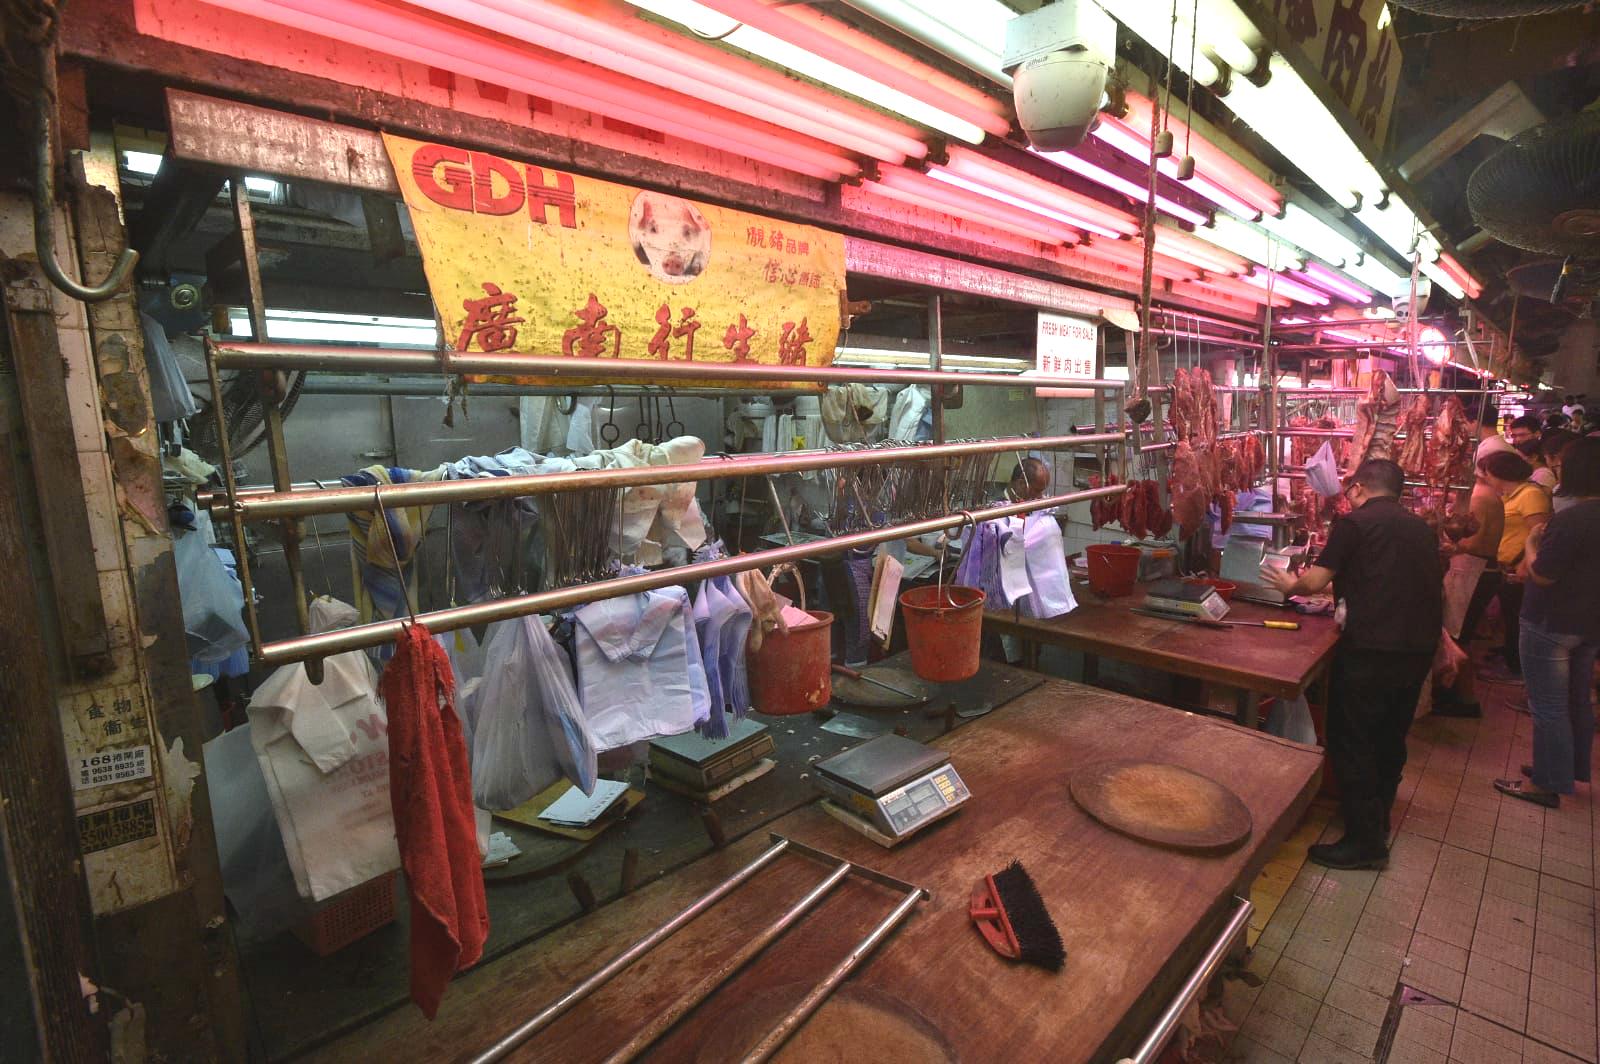 有街市的豬肉檔已經沒有新的豬肉供應